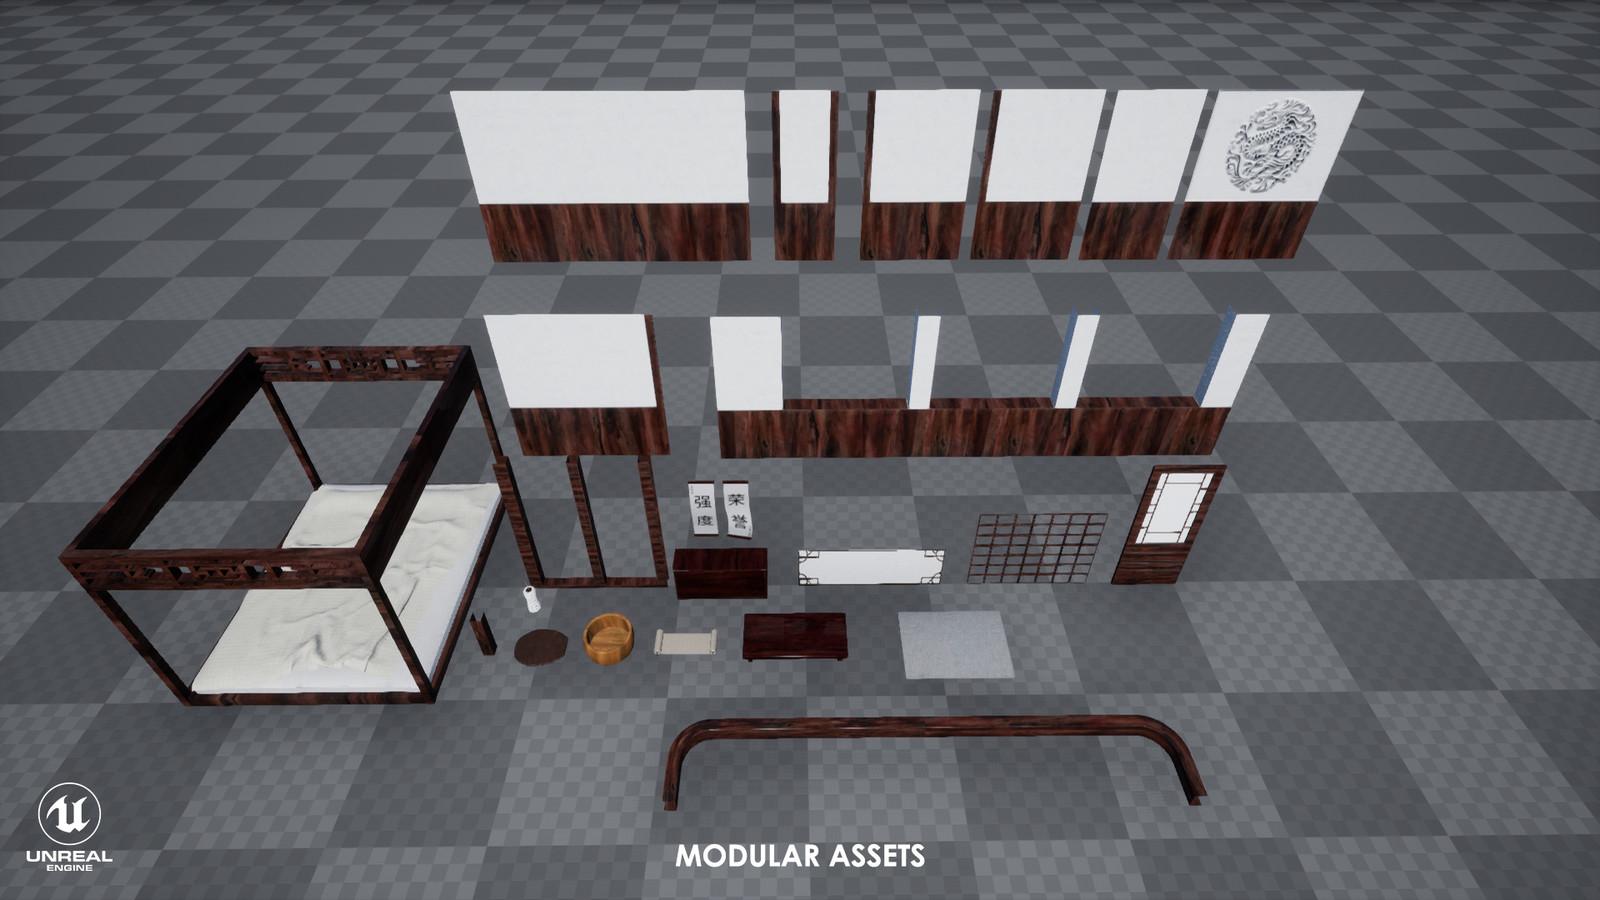 Modularity display